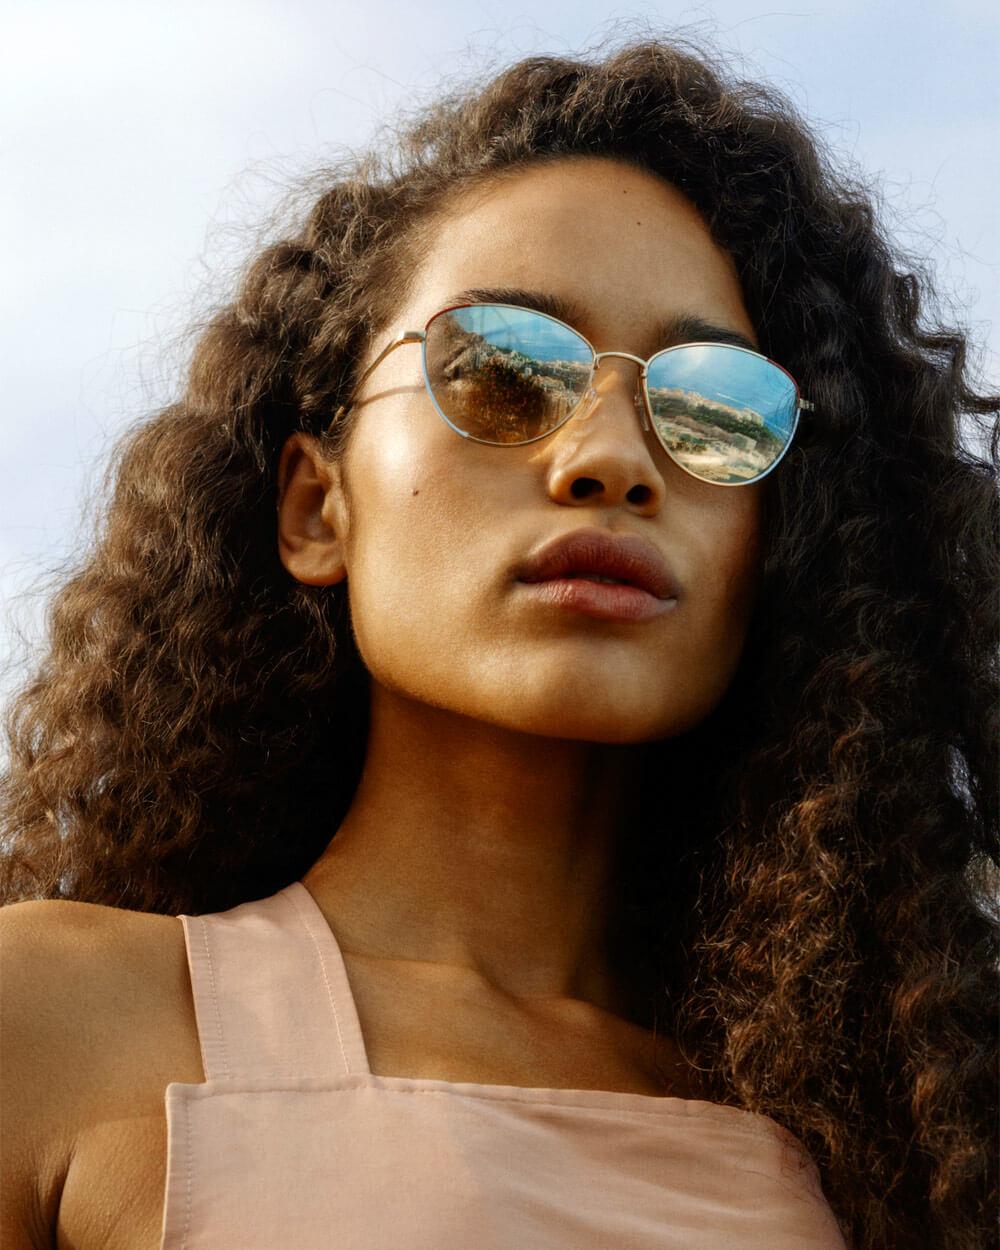 Neubau sustainable eyewear